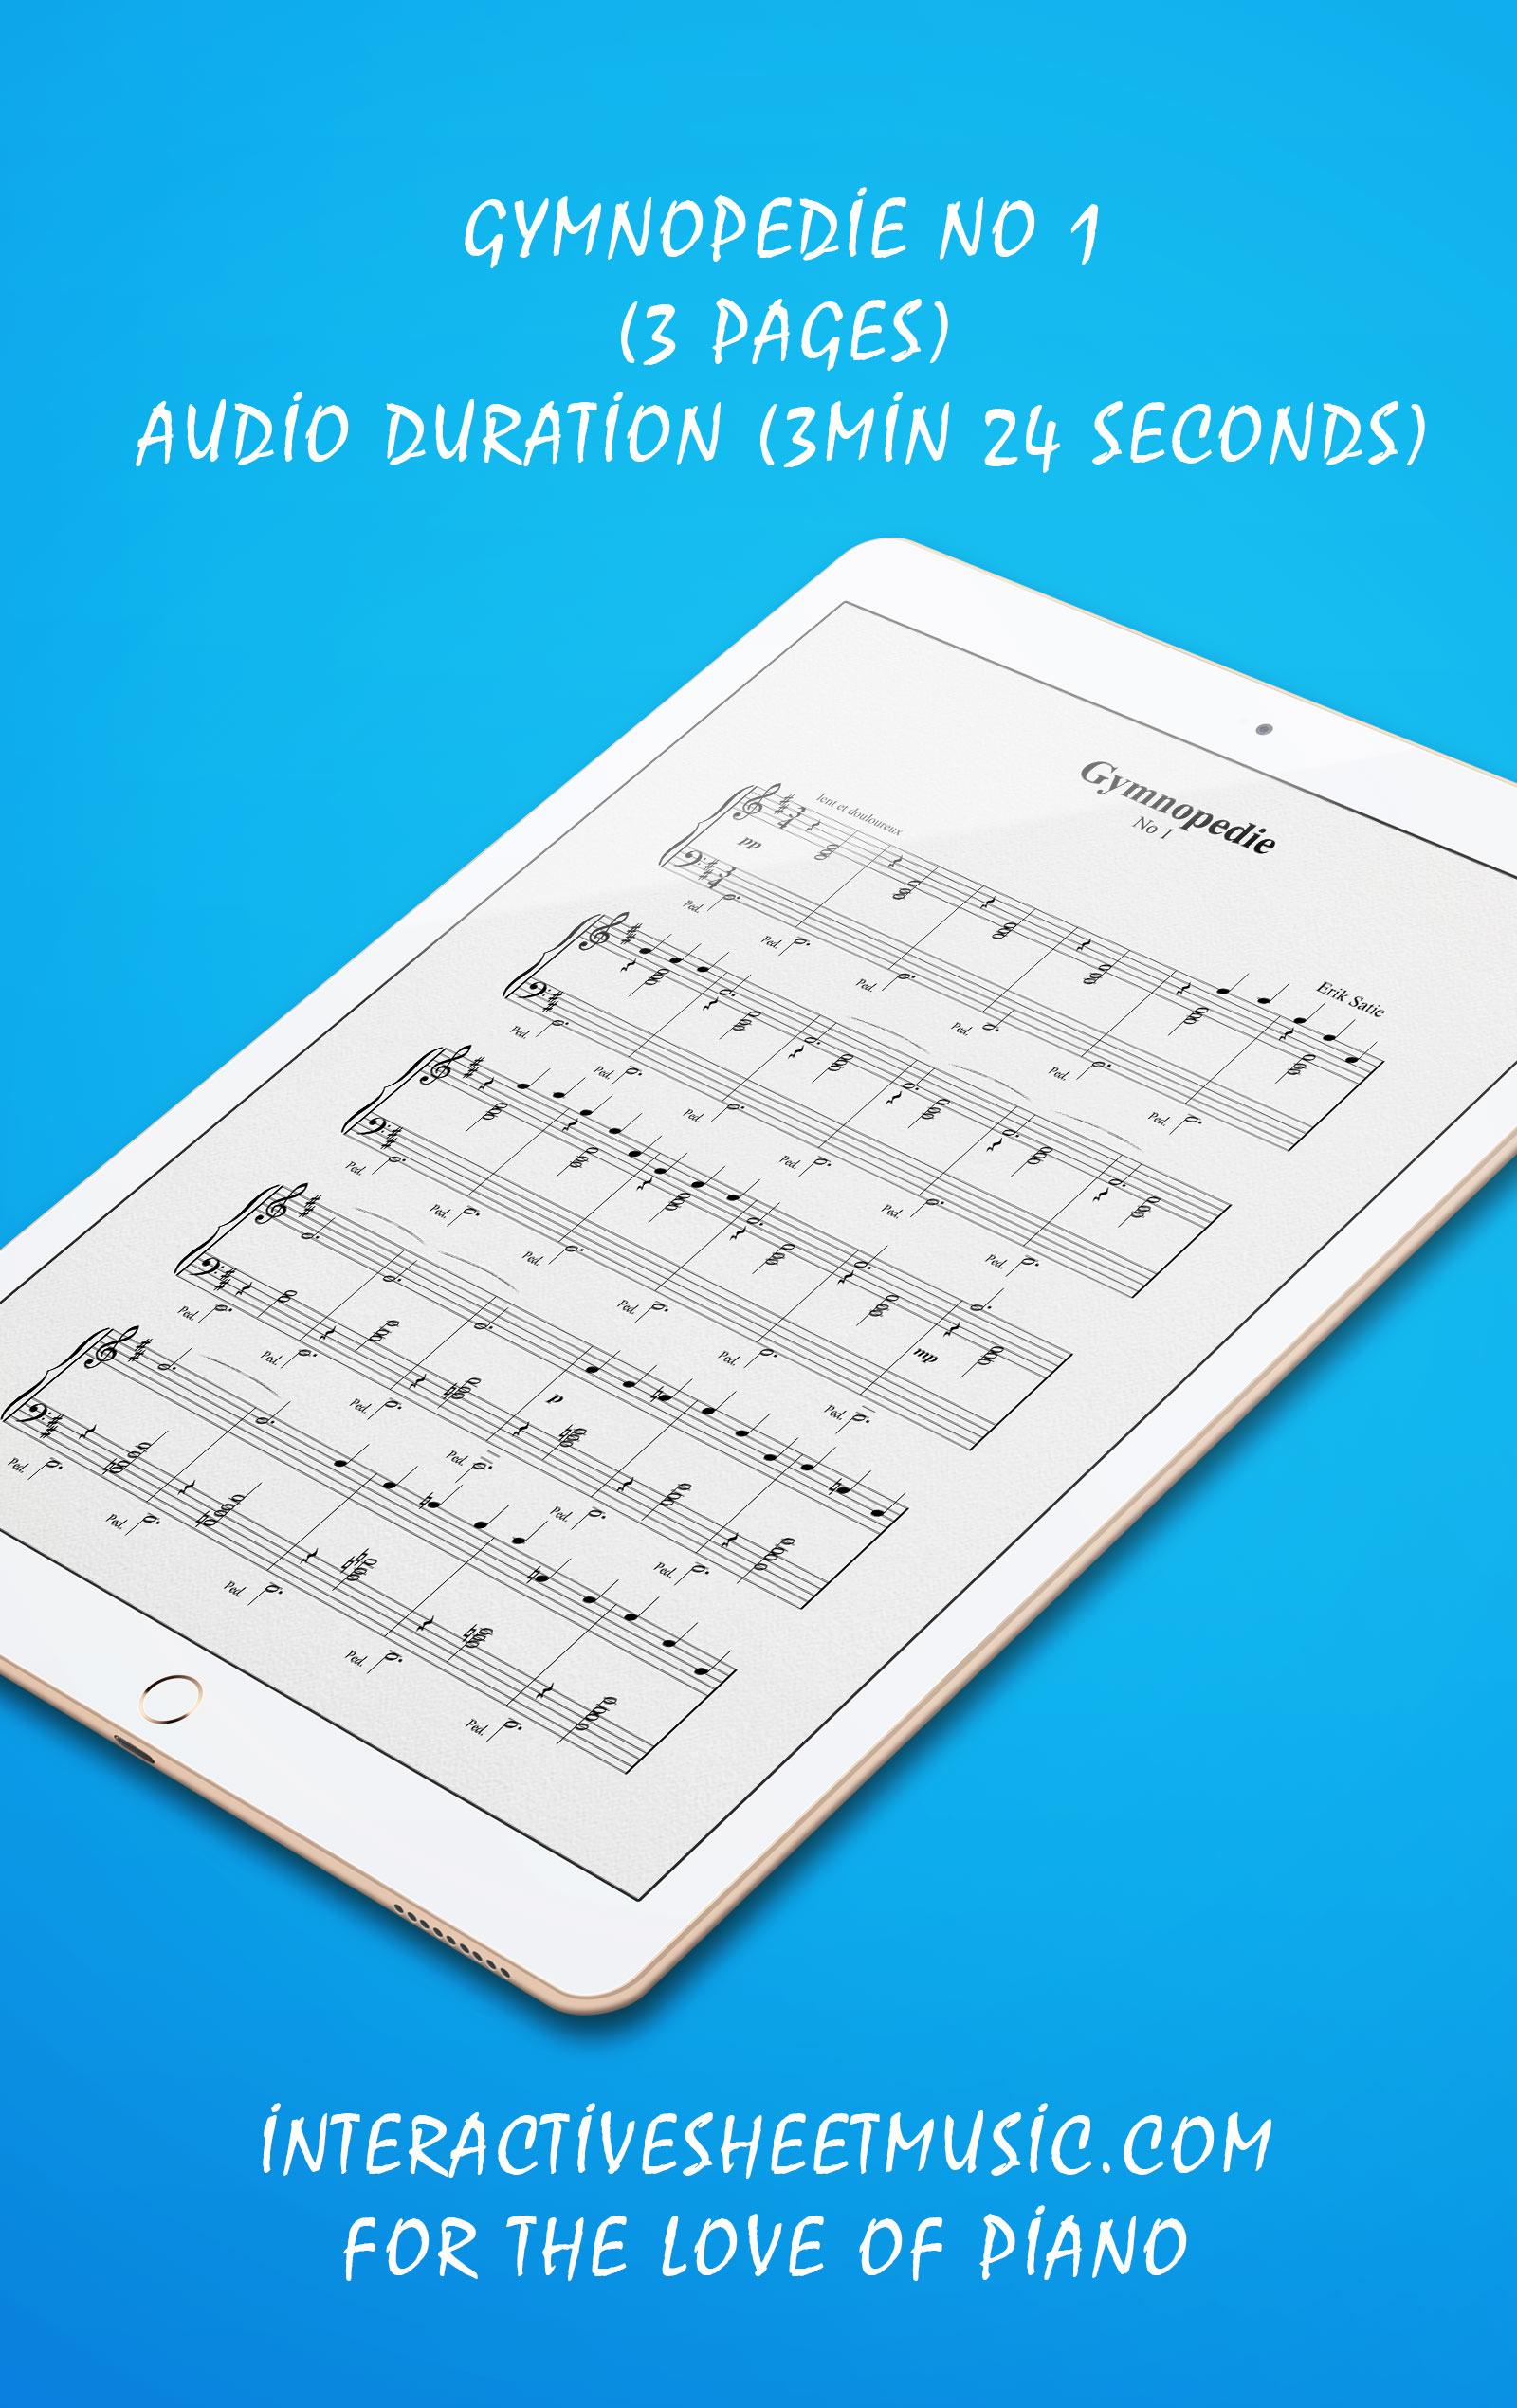 Gymnopedie No 1 (Songbook Details)